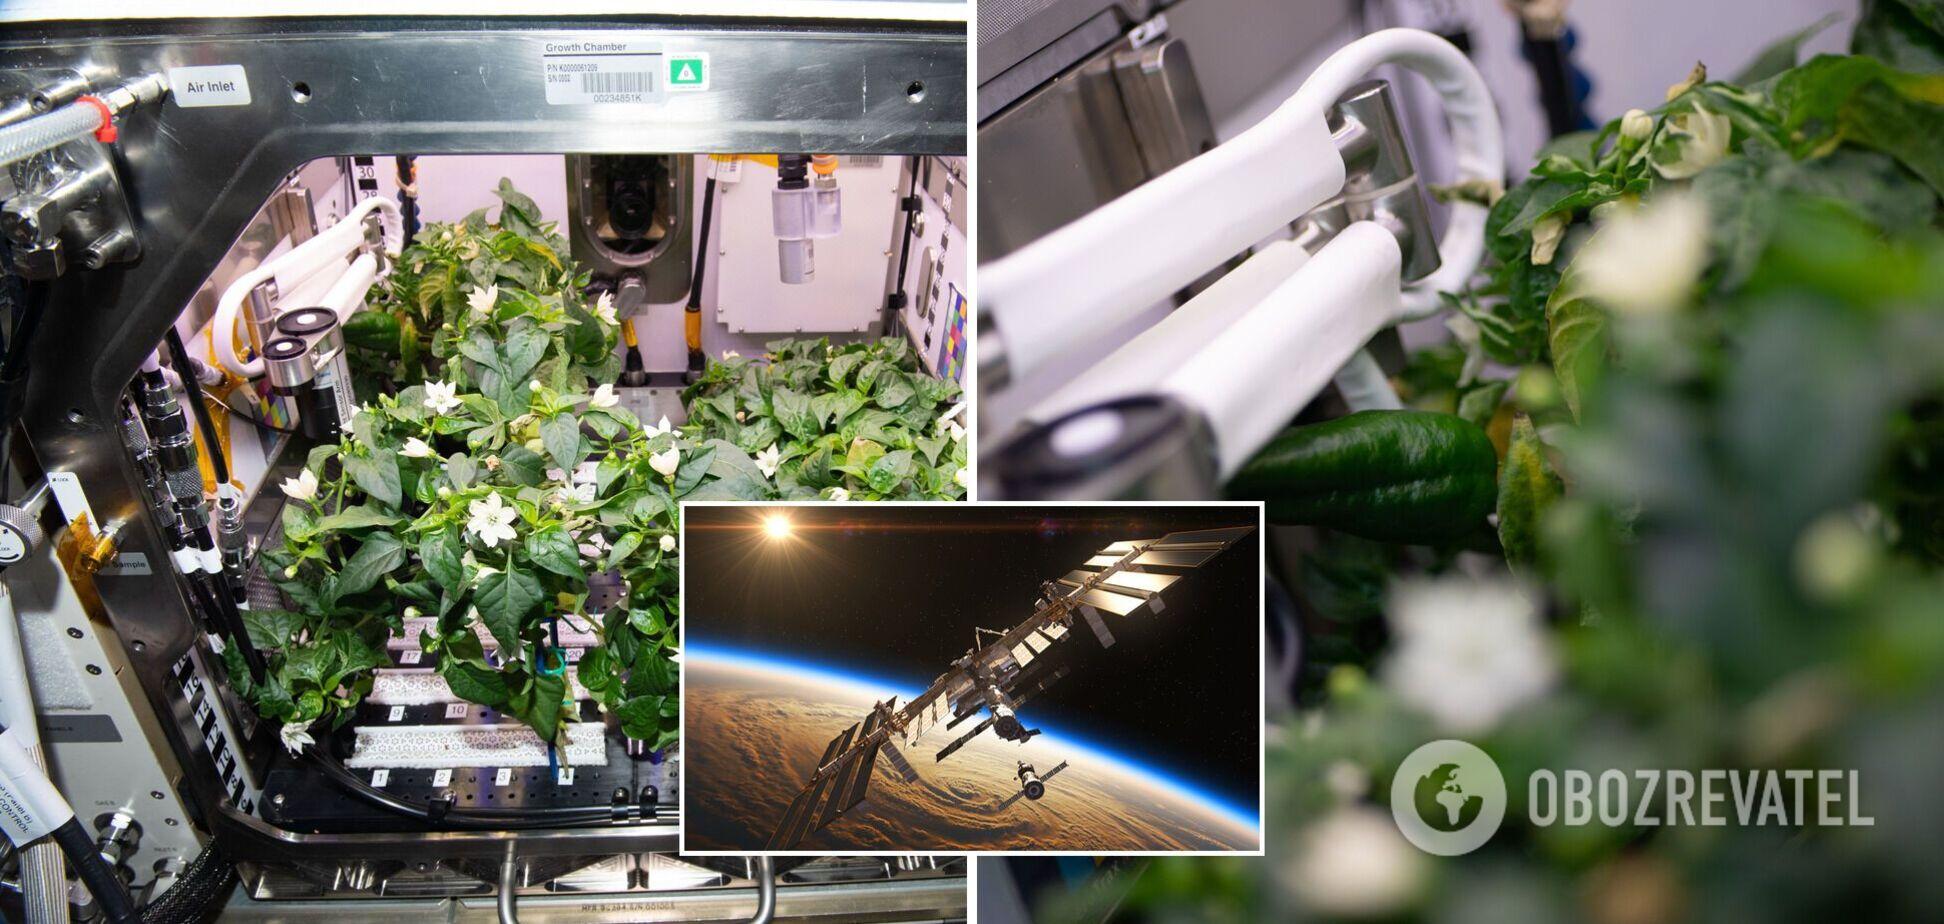 Астронавти NASA змогли виростити на МКС болгарський перець. Фото 'космічного' врожаю